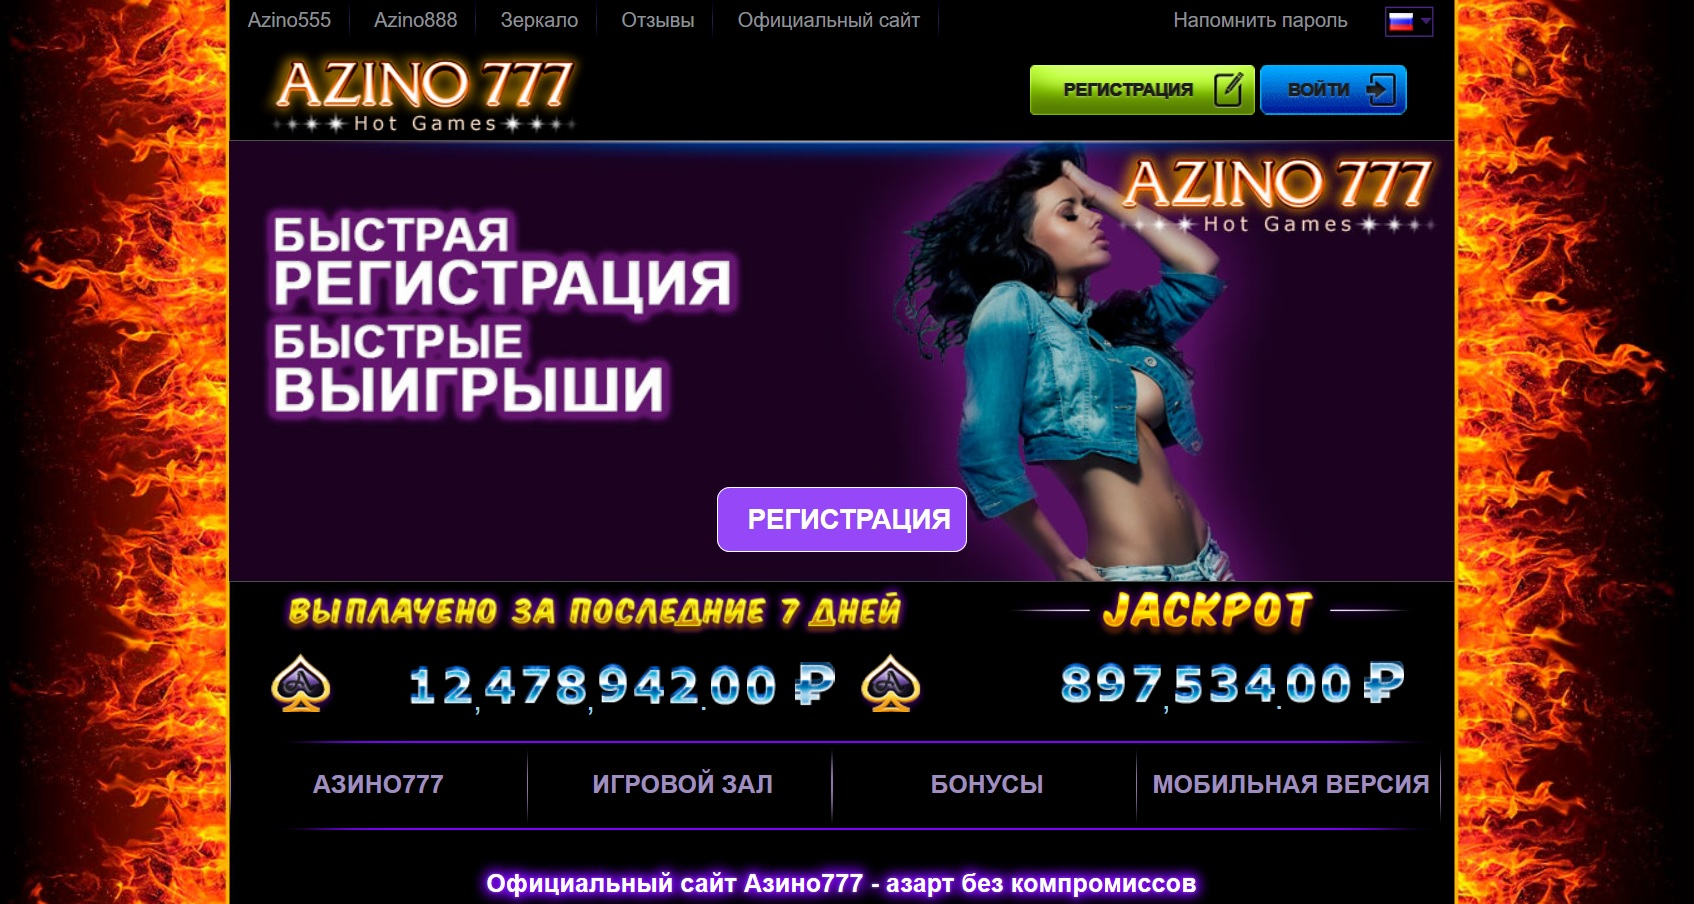 казино азино777 официальный сайт регистрация